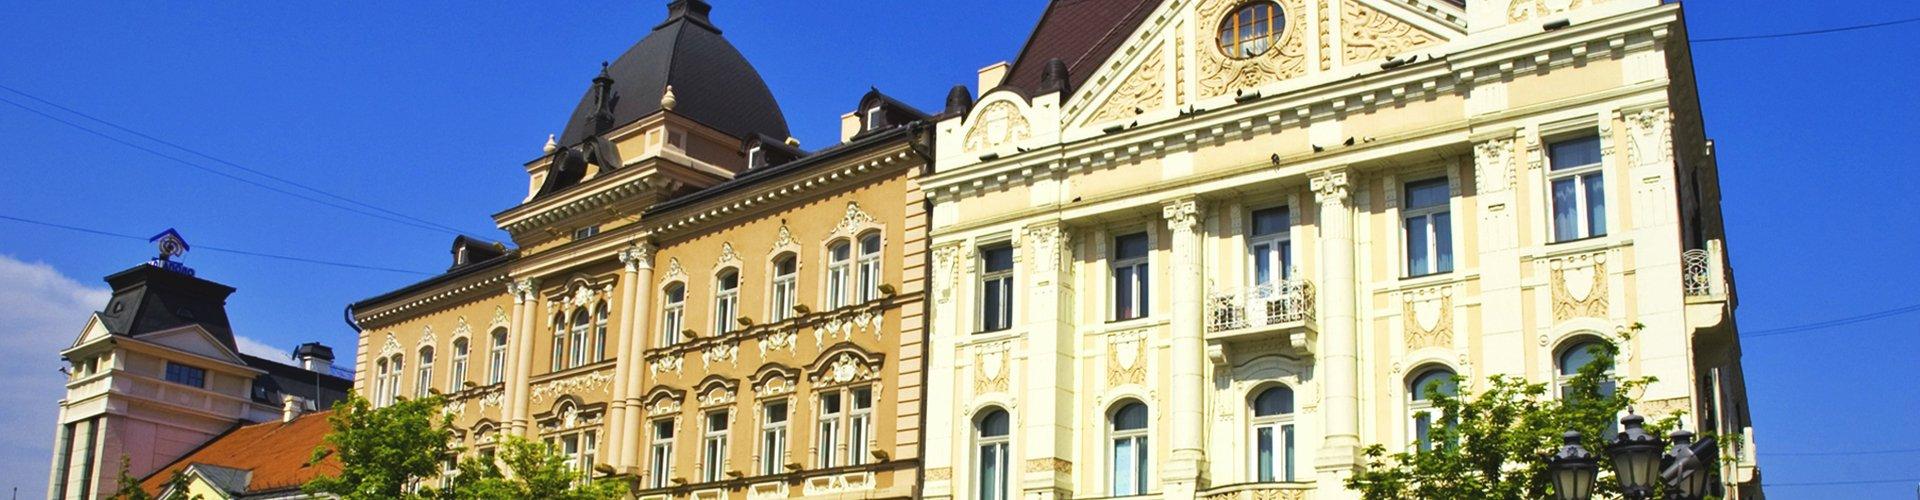 Novi Sad, Servië